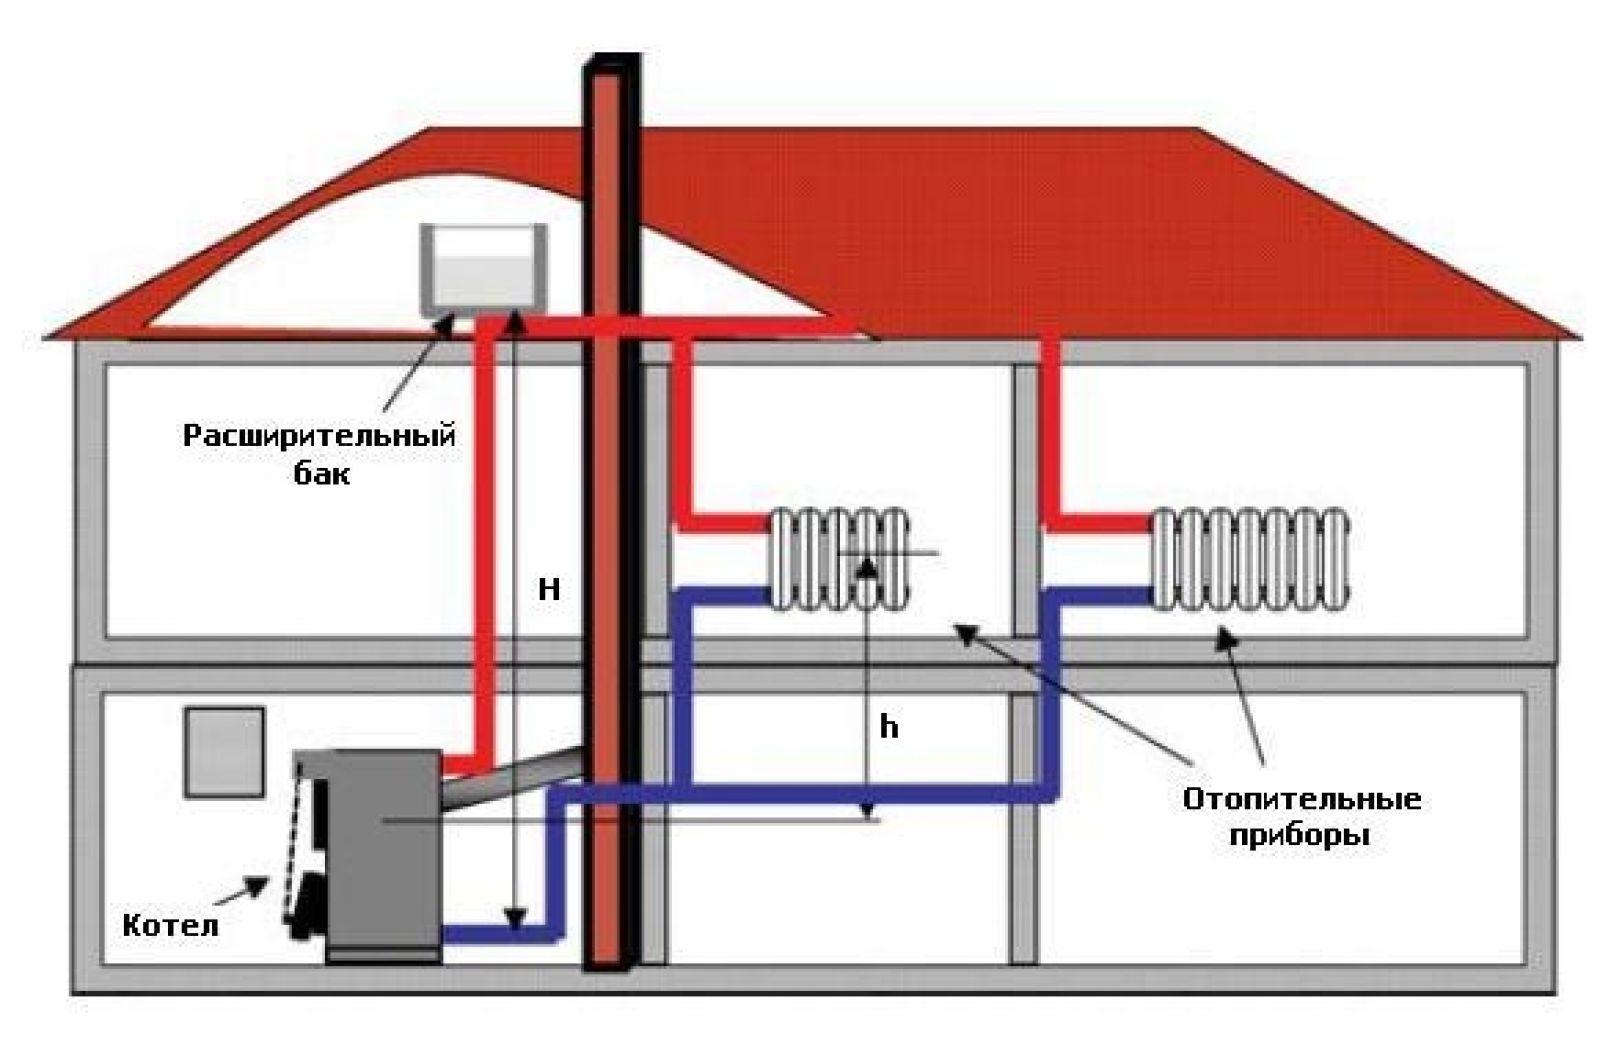 Как правильно сделать отопление в частном доме своими руками